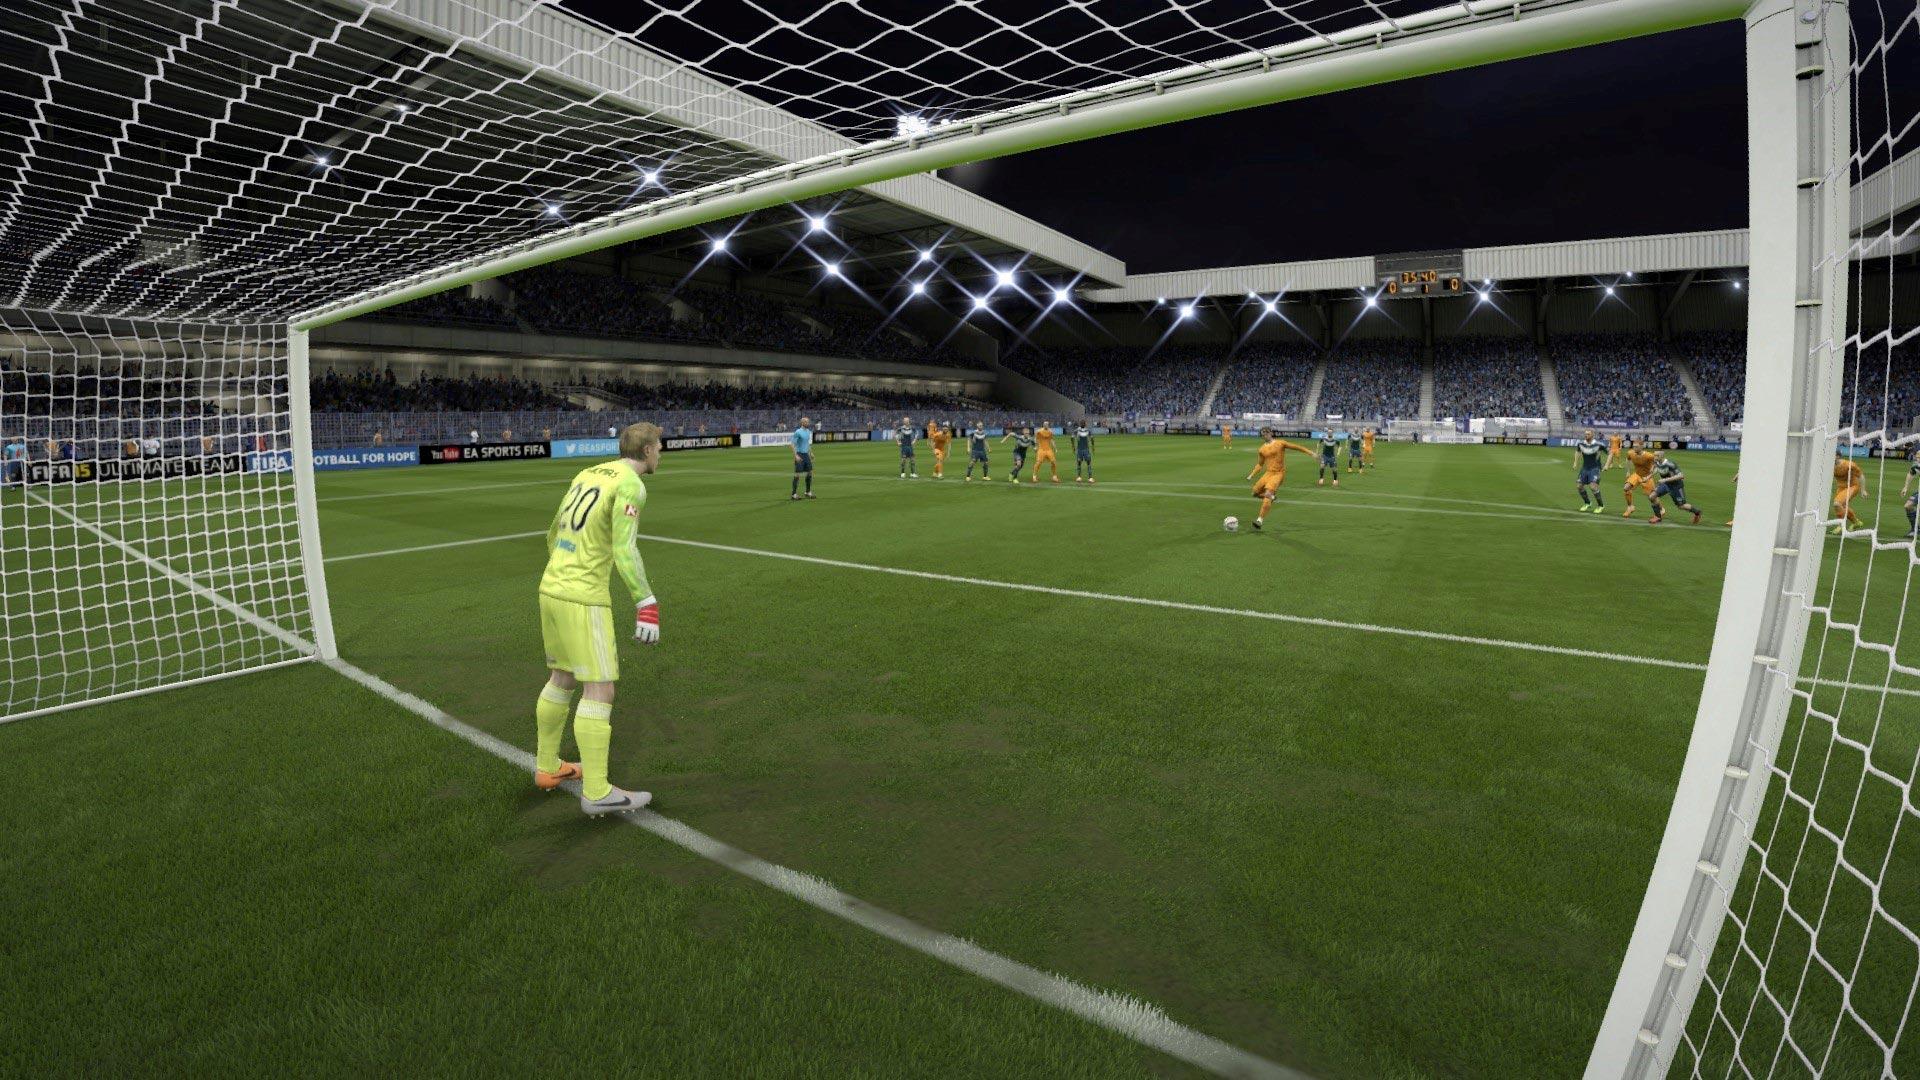 FIFA 15 Career 0-1 MVC V BRI, 1st Half